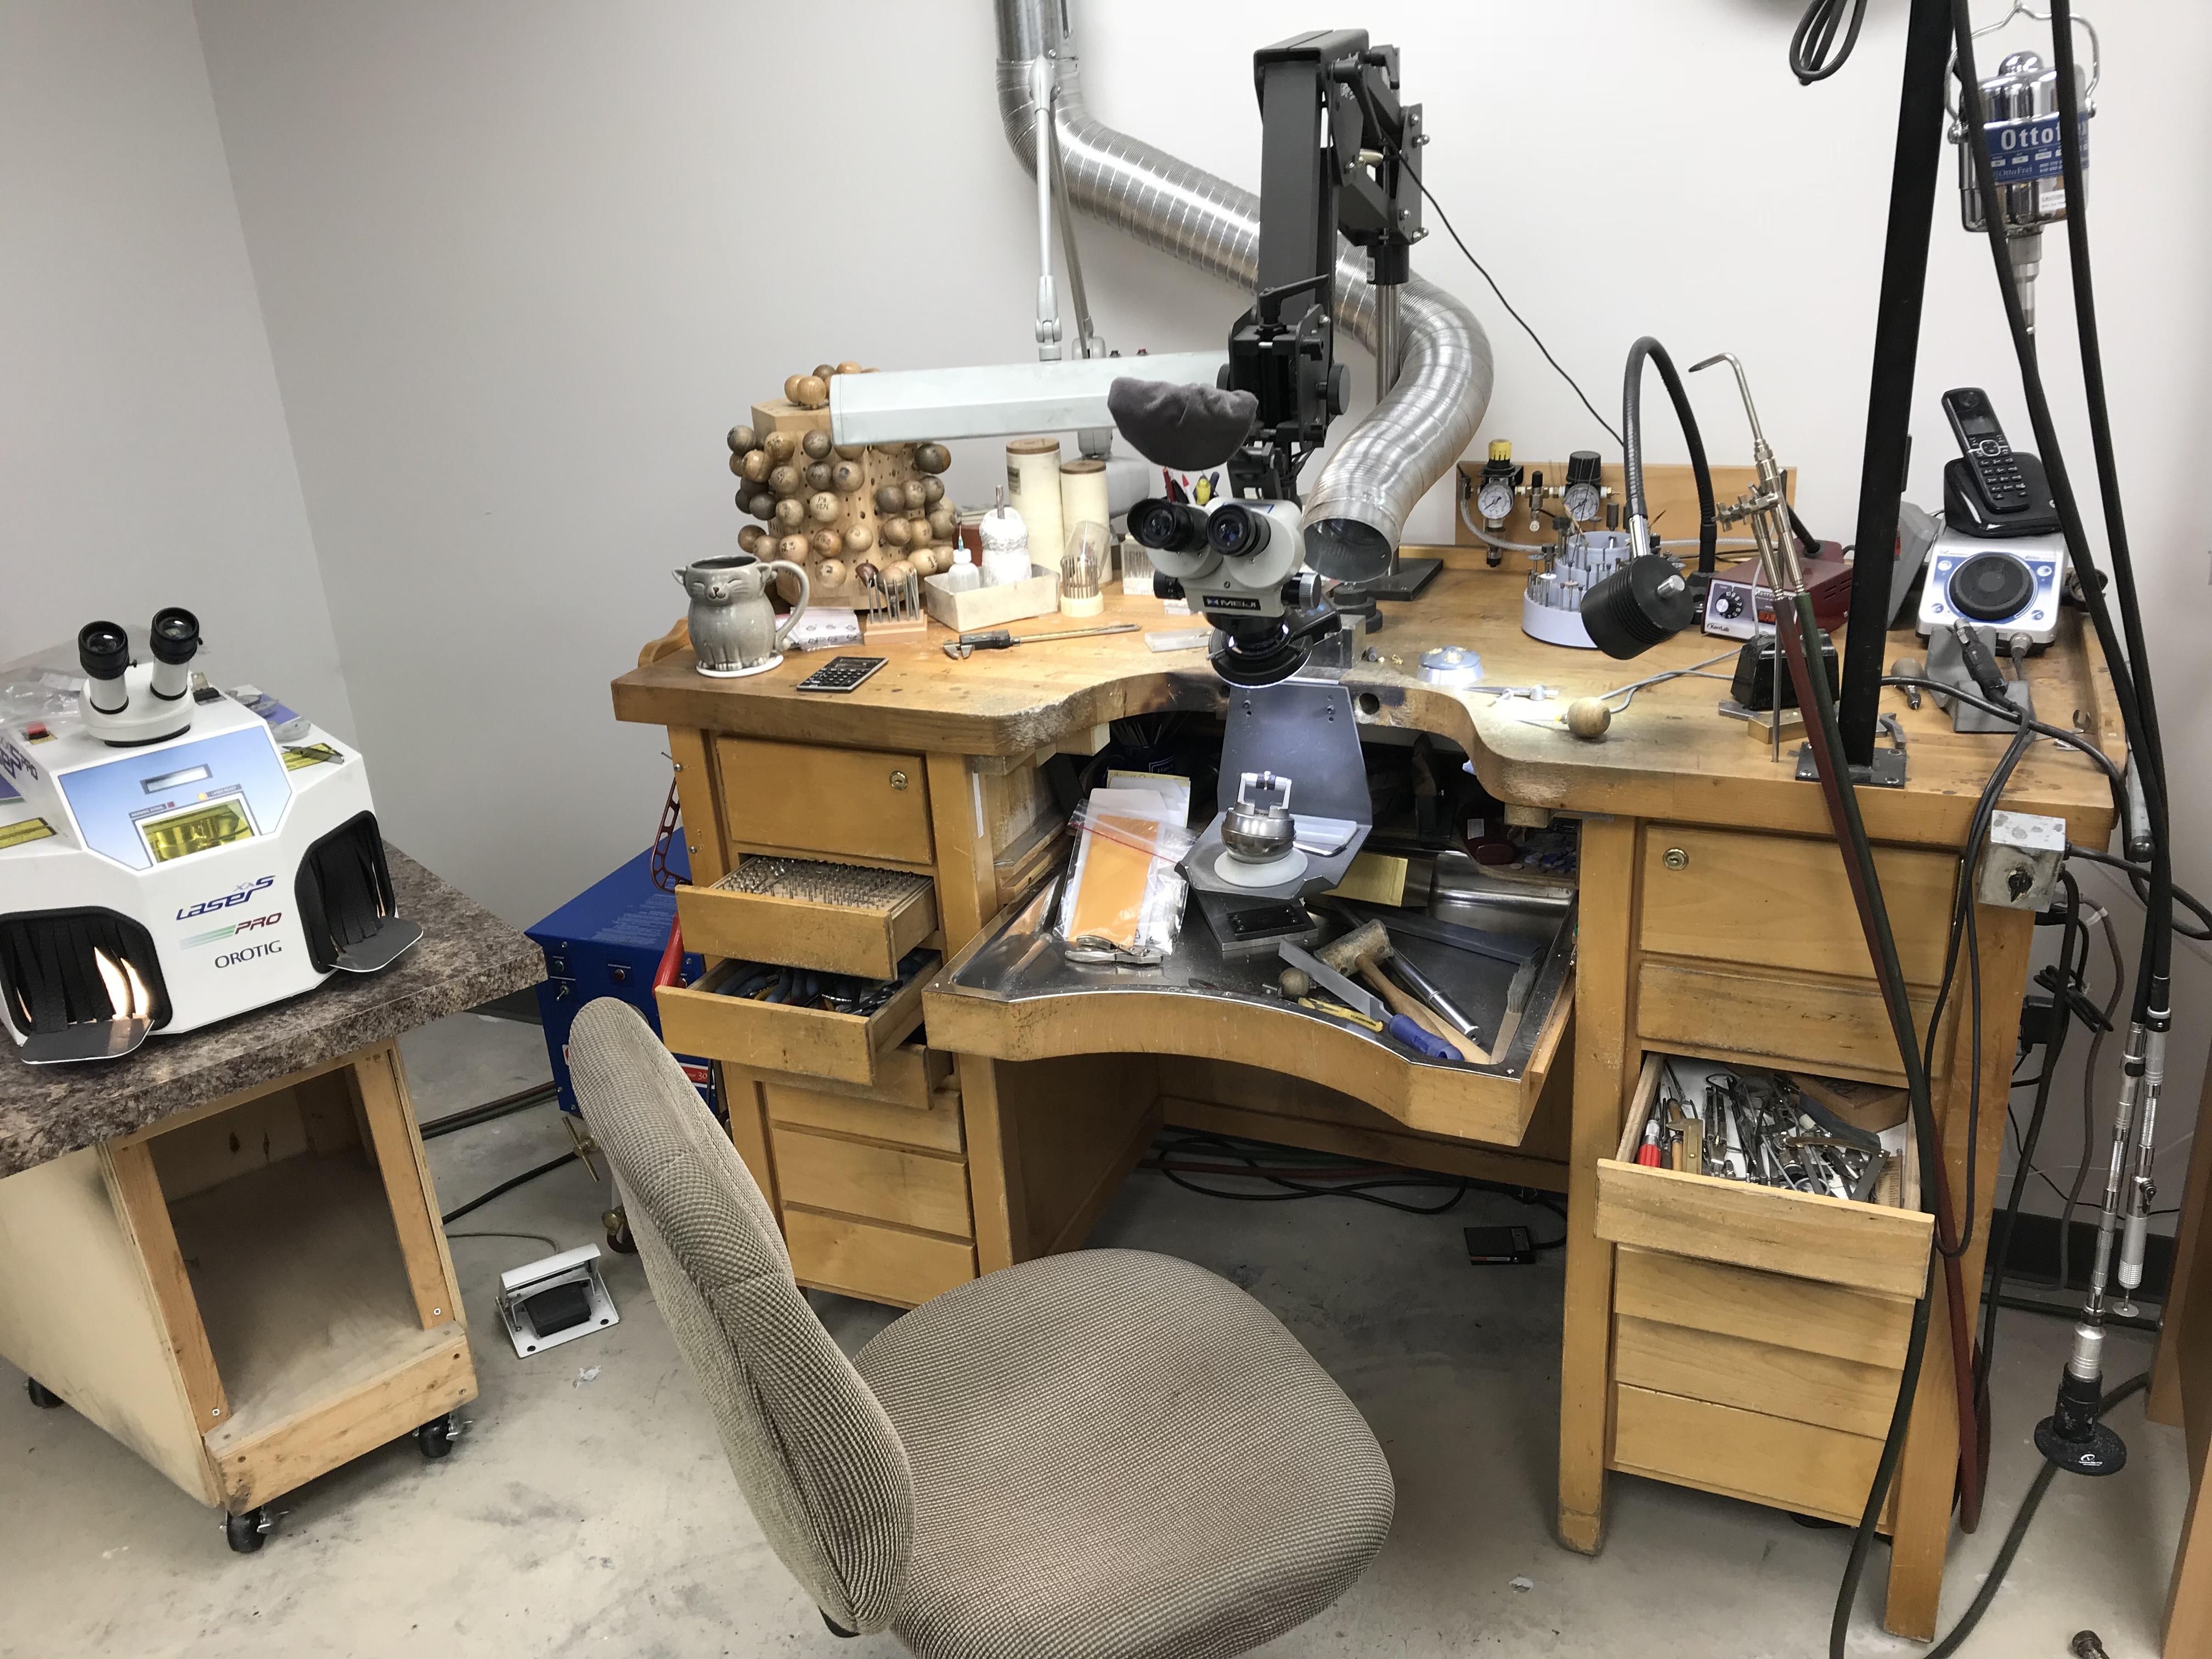 Miraculous Buildyourbench Giveaway Bench Exchange Ganoksin Orchid Cjindustries Chair Design For Home Cjindustriesco